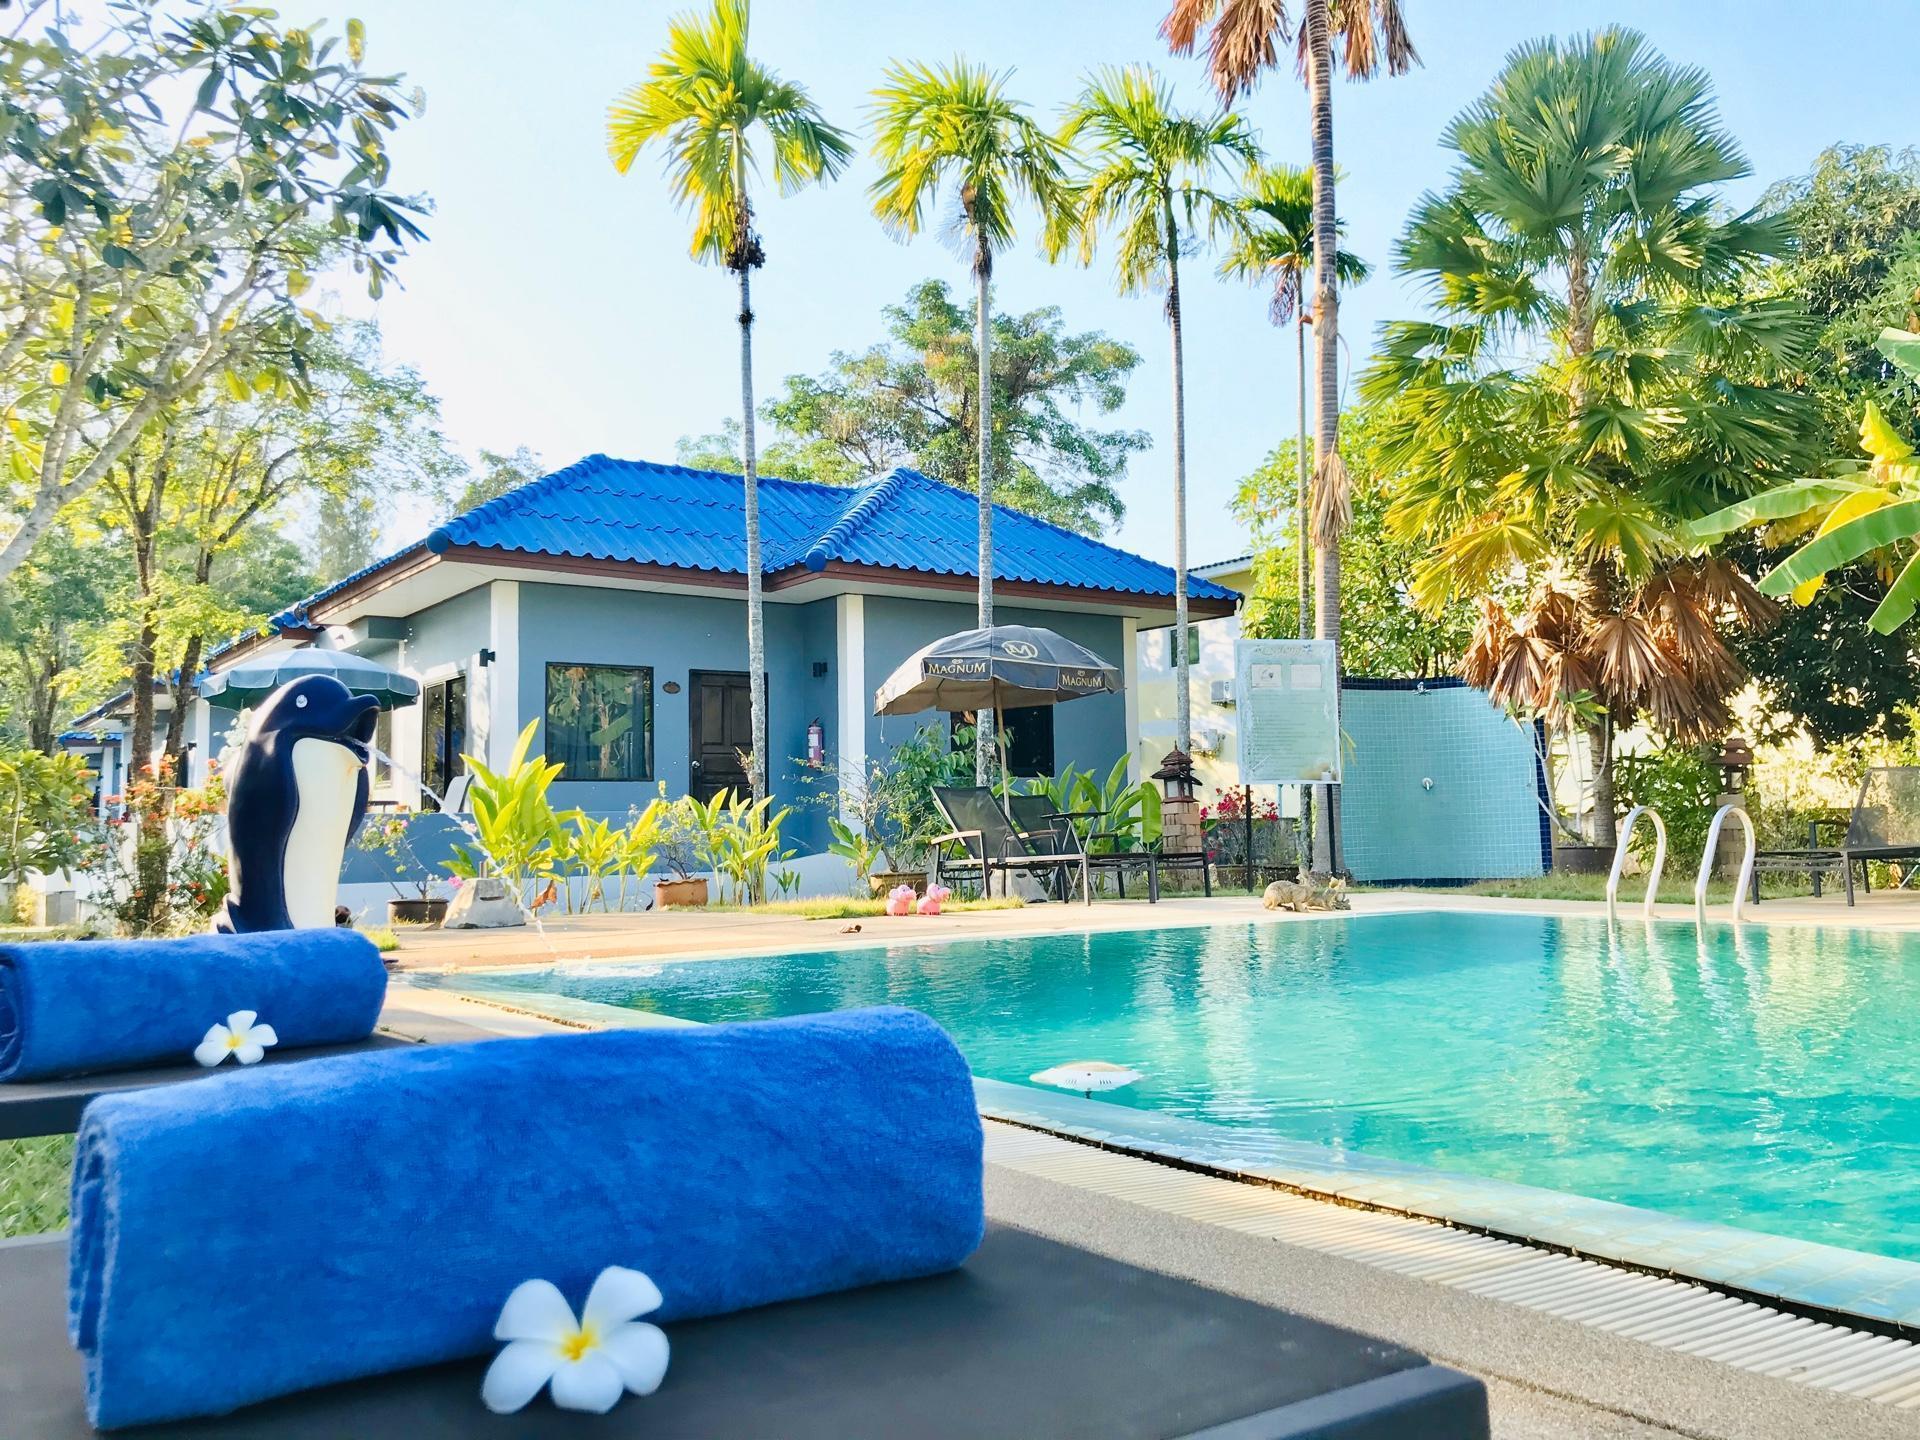 Praewa Villas Naiyang phuket Praewa Villas Naiyang phuket